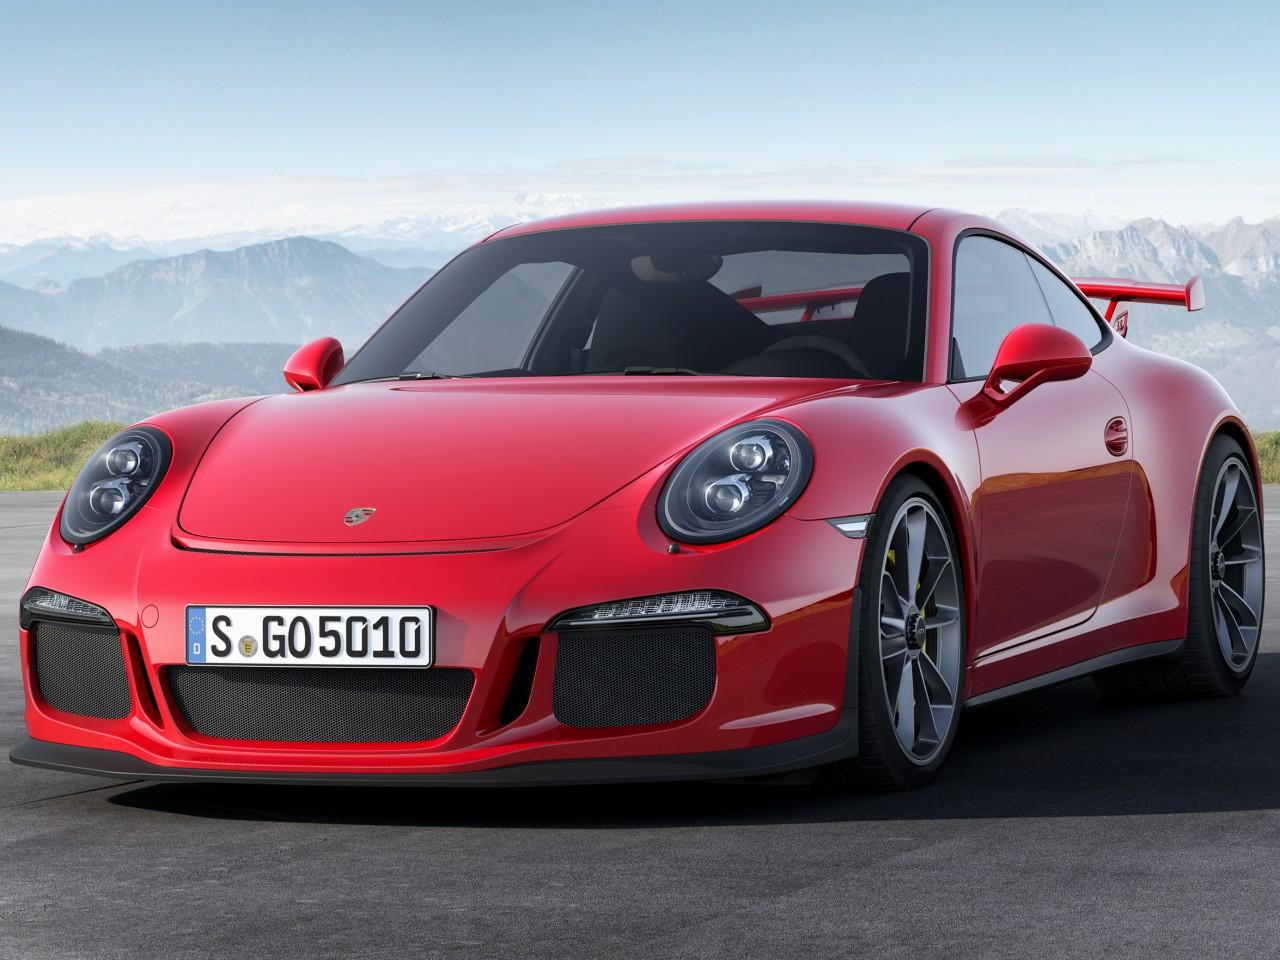 ポルシェ 911GT3 2013年モデル 新車画像